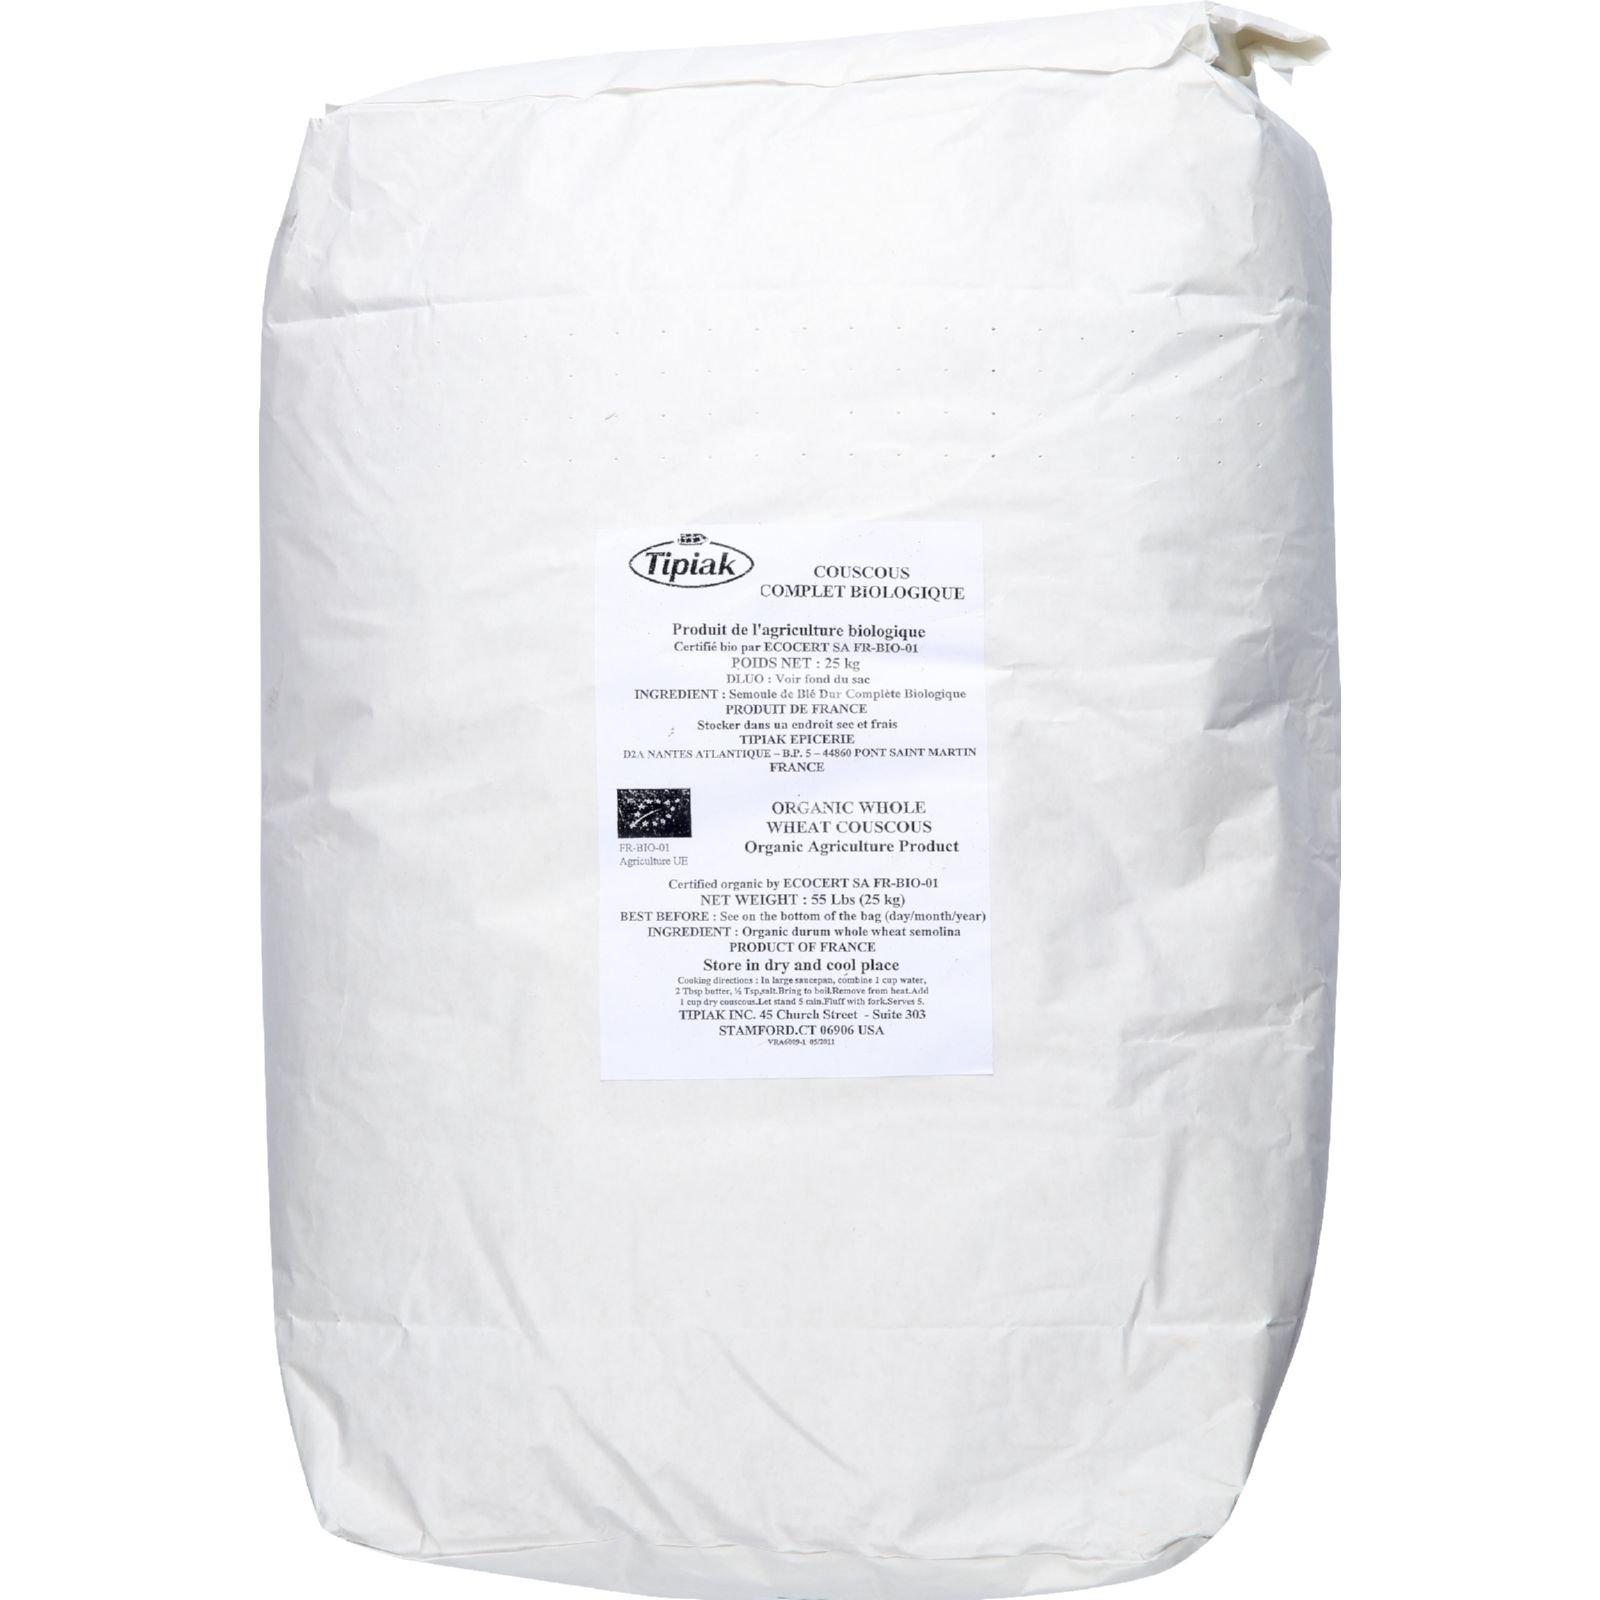 Couscous, 95% organic, Frnc, Whole Wht, 55 lb by Bulk Grains